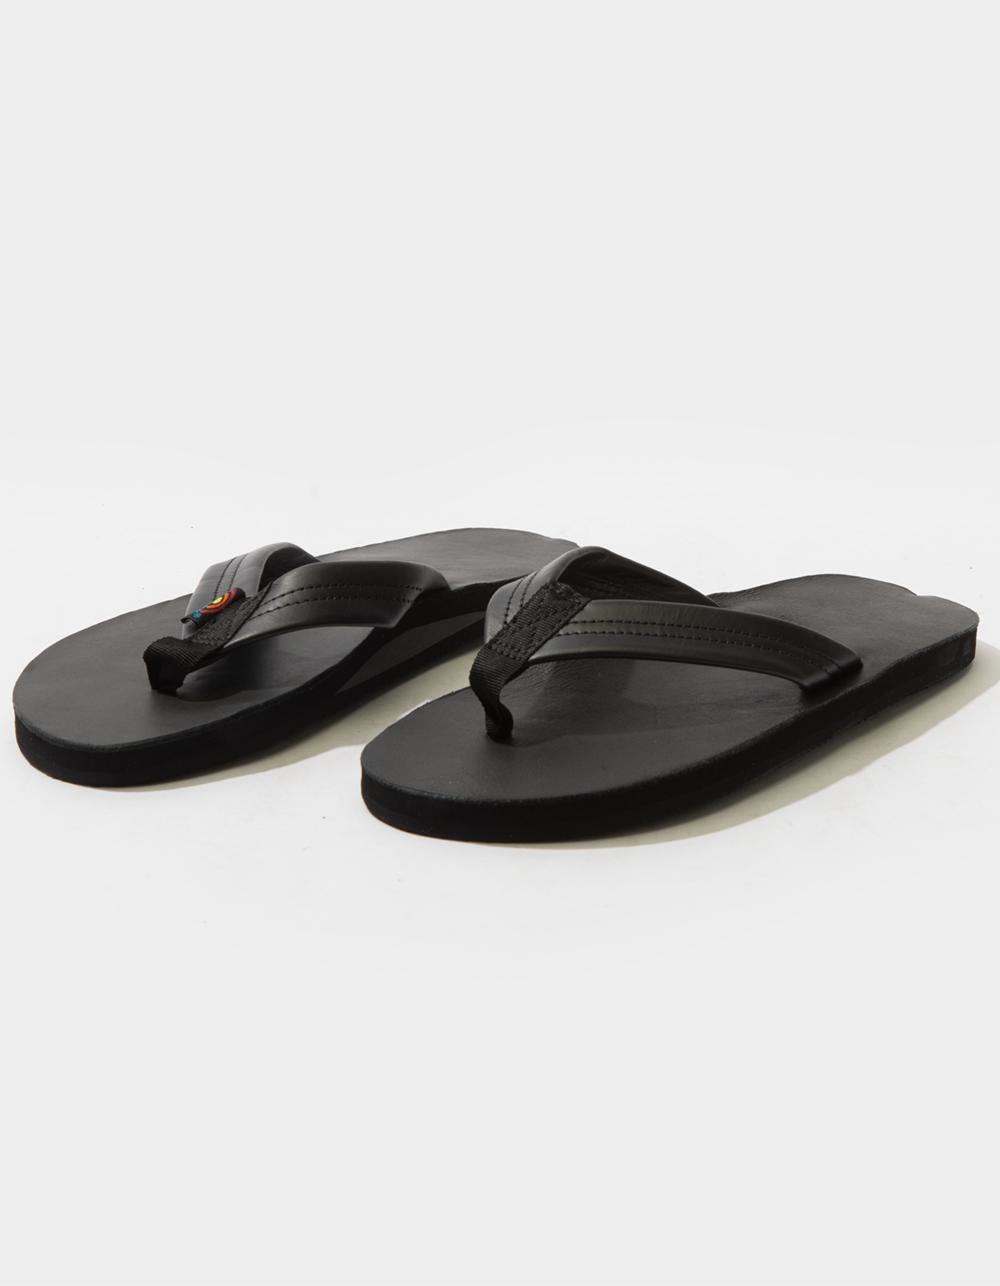 RAINBOW Premier Leather Sandals